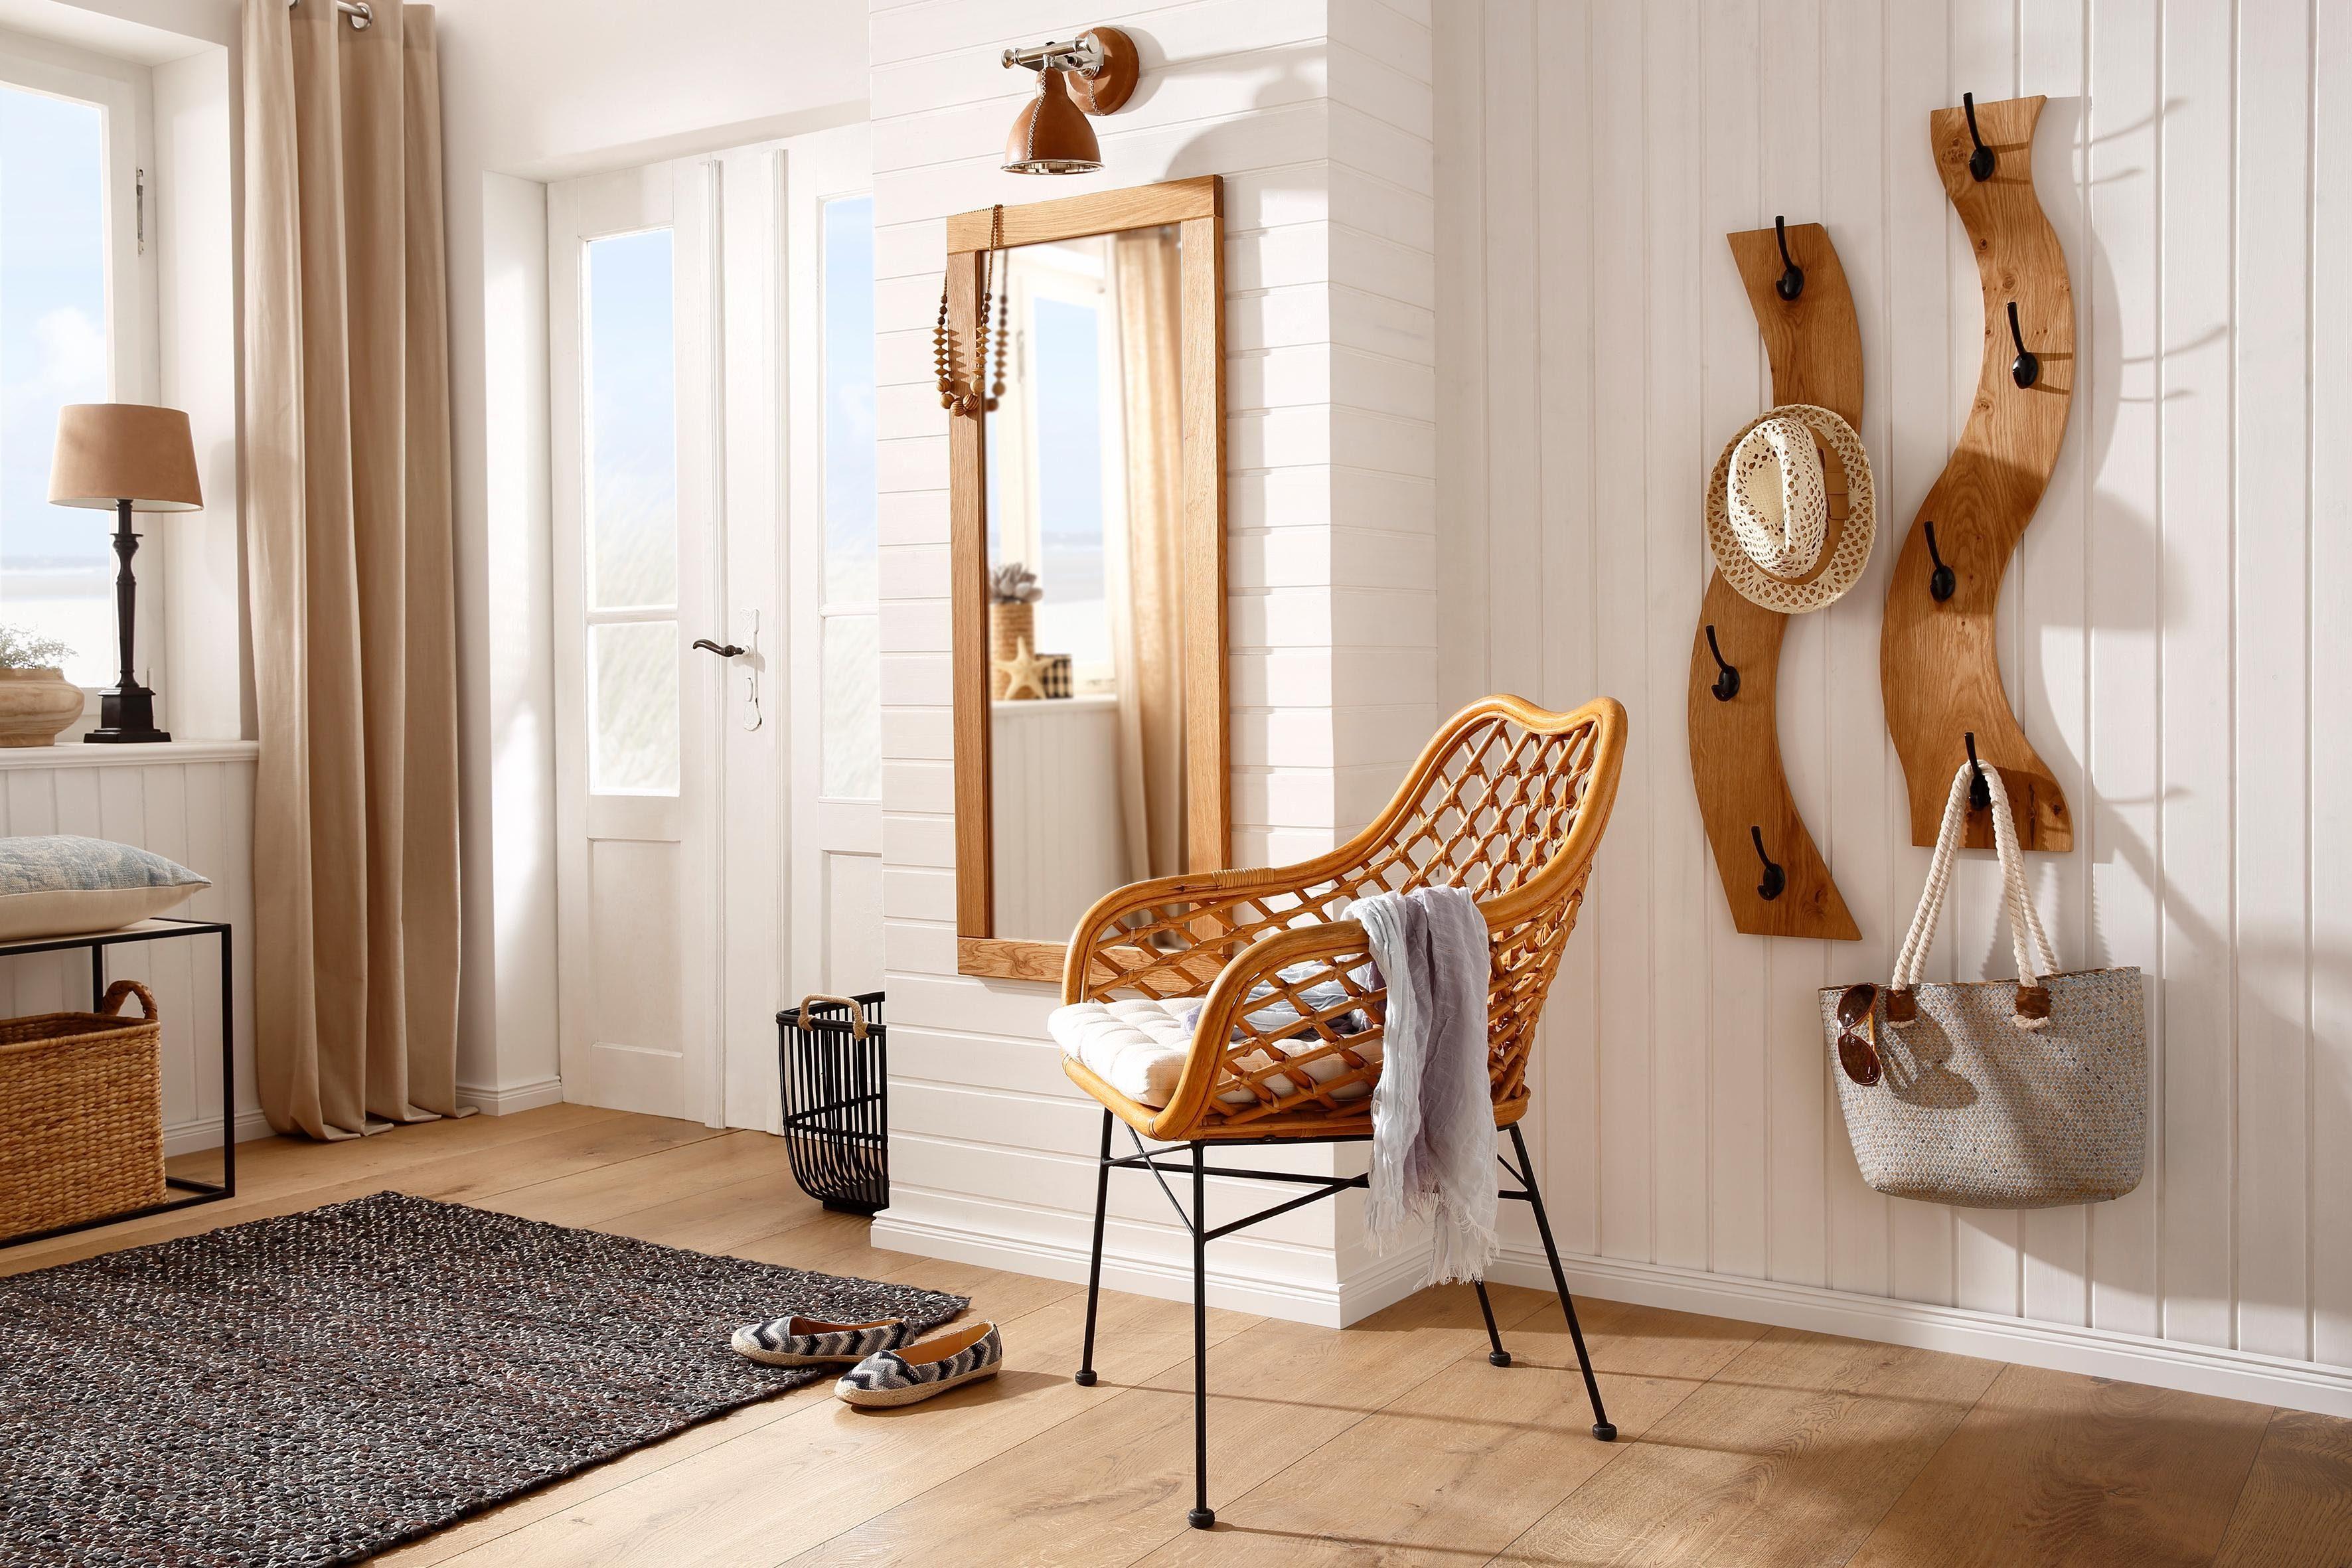 Home affaire Garderobenpaneel in Wellenoptik als 2er-Set, aus massiver Eiche